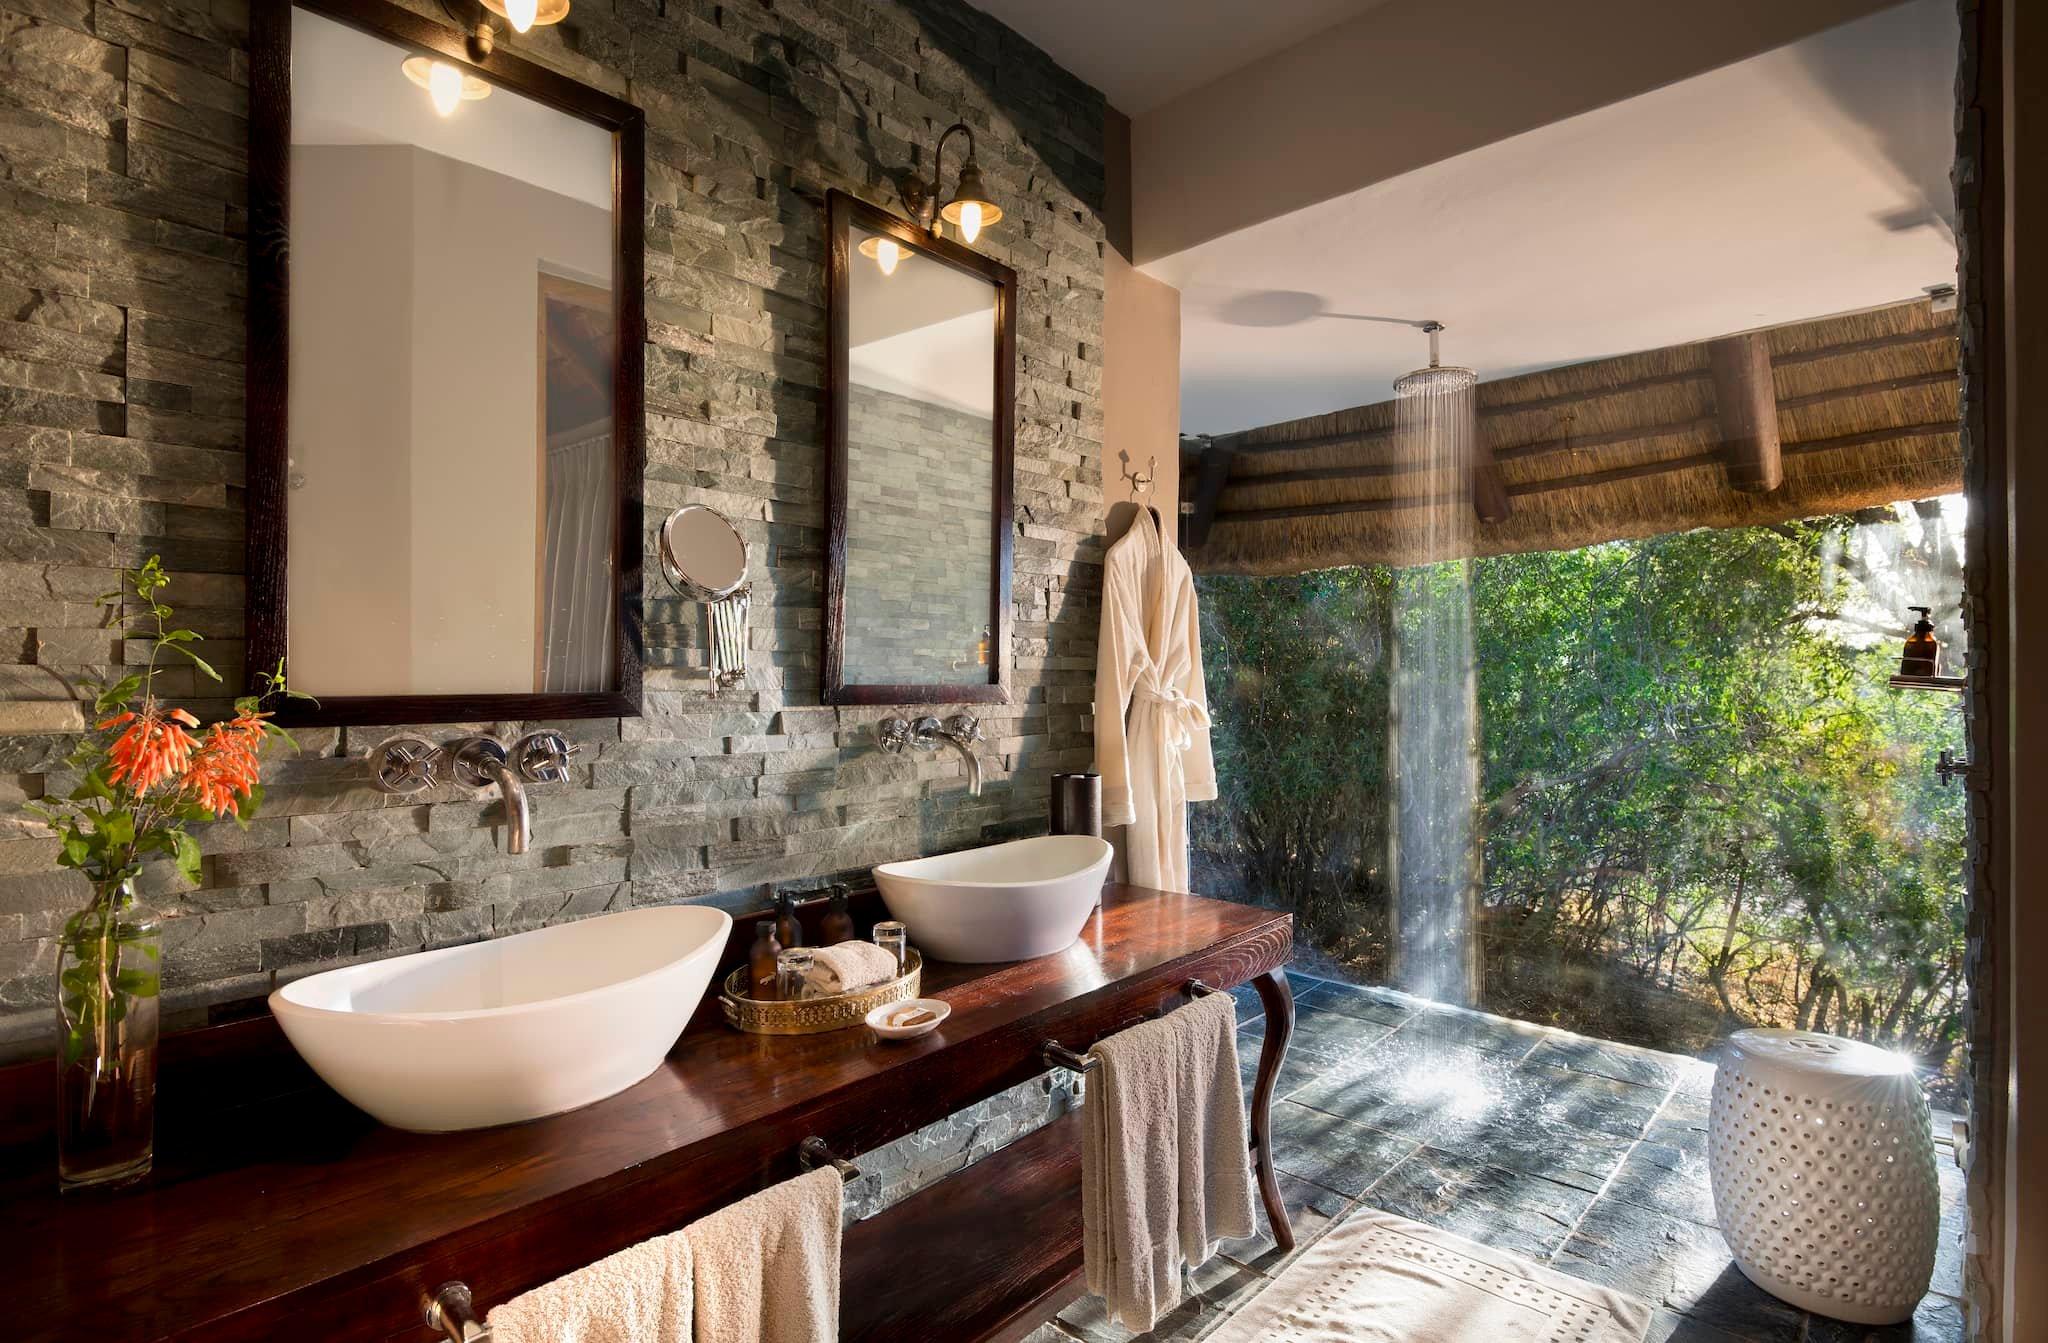 andBeyond-ngala-safari-lodge-interior-family-suite-bathroom-02.jpeg